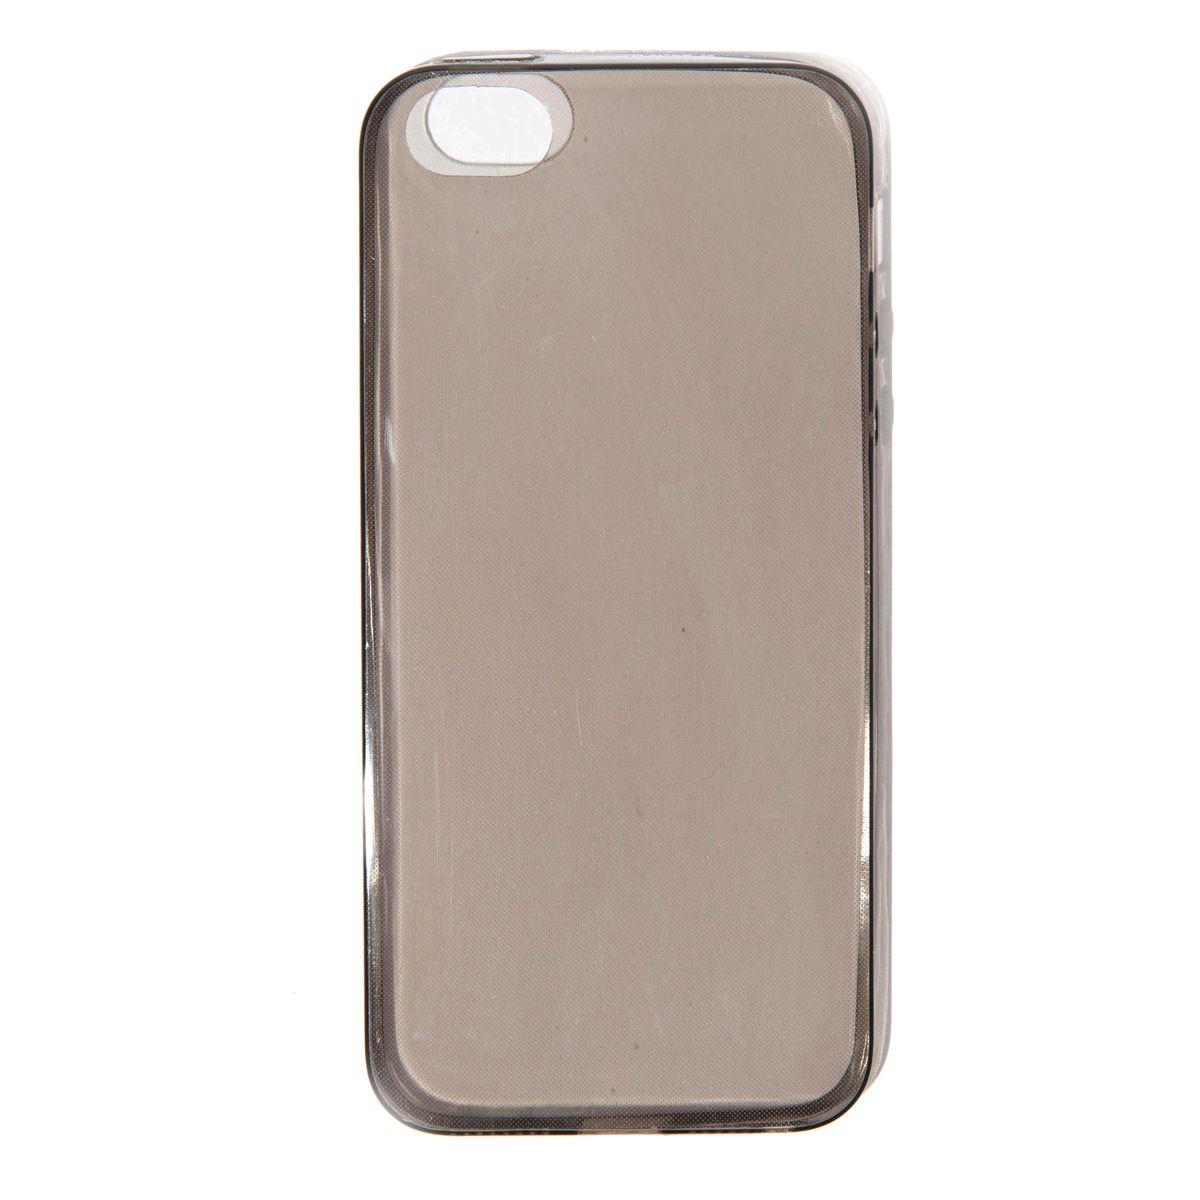 Mitya Veselkov чехол для Apple iPhone 5/5s, GrayIP5.МITYA-216Превосходный чехол Mitya Veselkov для Apple iPhone 5/5s создан для любителей заметных аксессуаров. Накладка придаст вашему телефону индивидуальность и послужит прекрасной защитой от ударов и царапин. Чехол также обеспечивает свободный доступ ко всем разъемам и клавишам устройства.